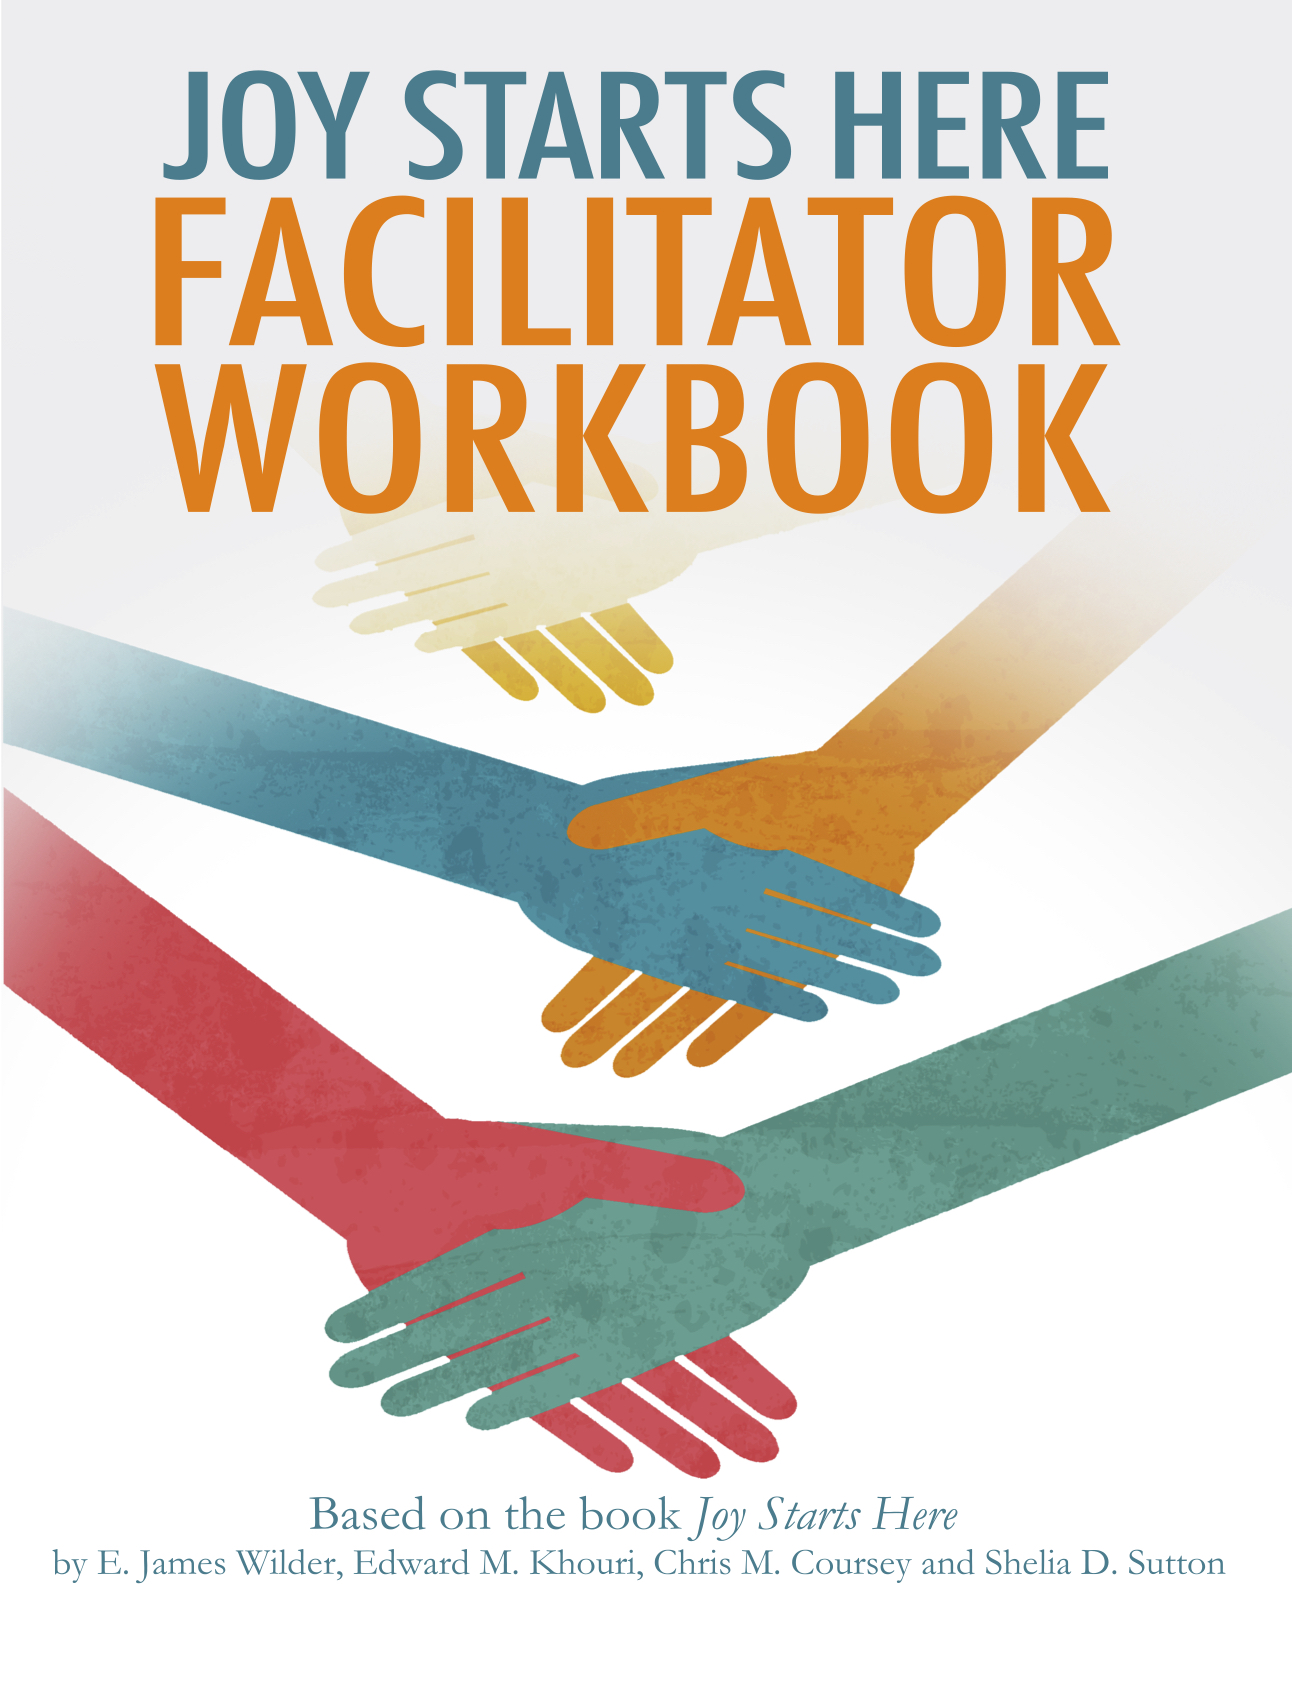 JSH_Facilitator Workbook.jpg